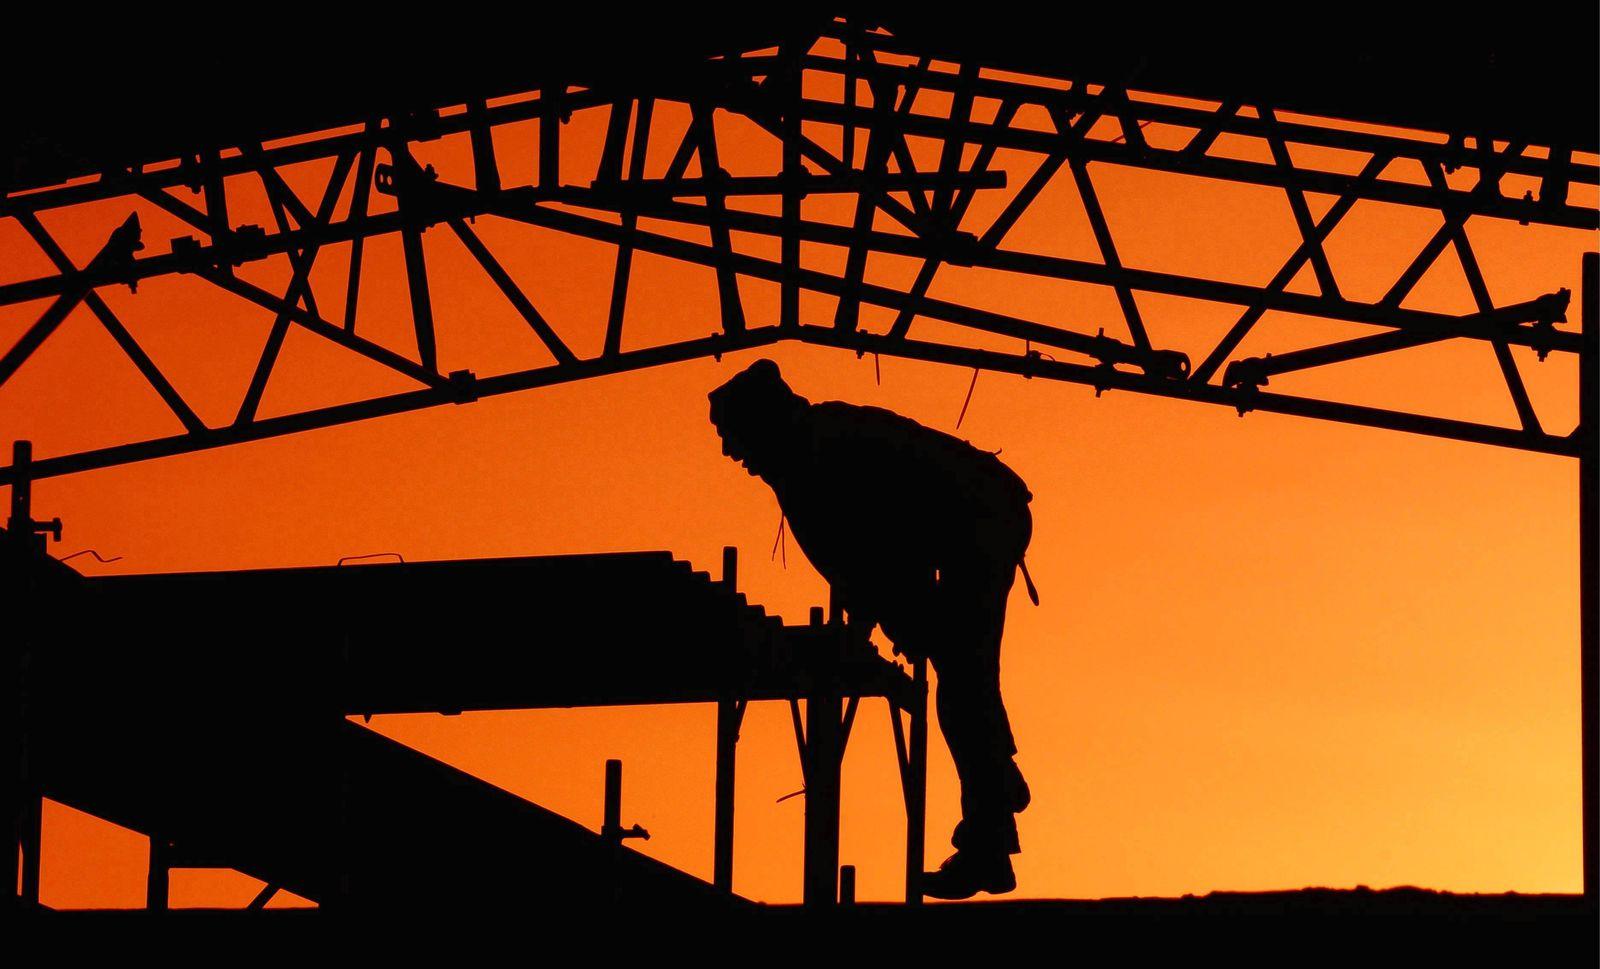 NICHT VERWENDEN Bau sonnenaufgang vollbeschäftigung